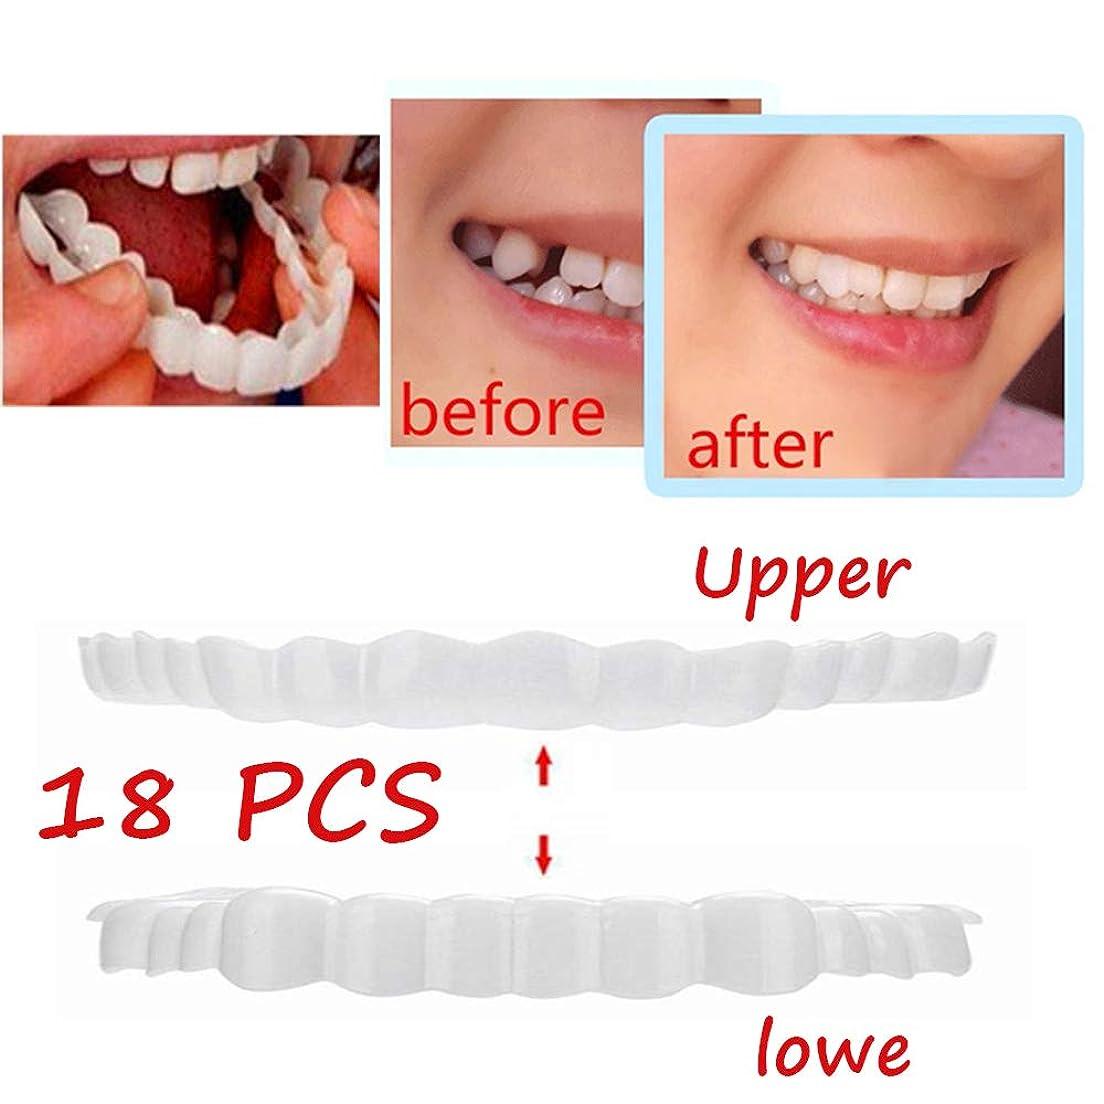 ミルク前任者見える18本のPCS快適で白い義歯アッパーとローホワイトニングブレースシミュレーション歯科用コンフォートベニヤソフト化粧品義歯キットケア(上下)